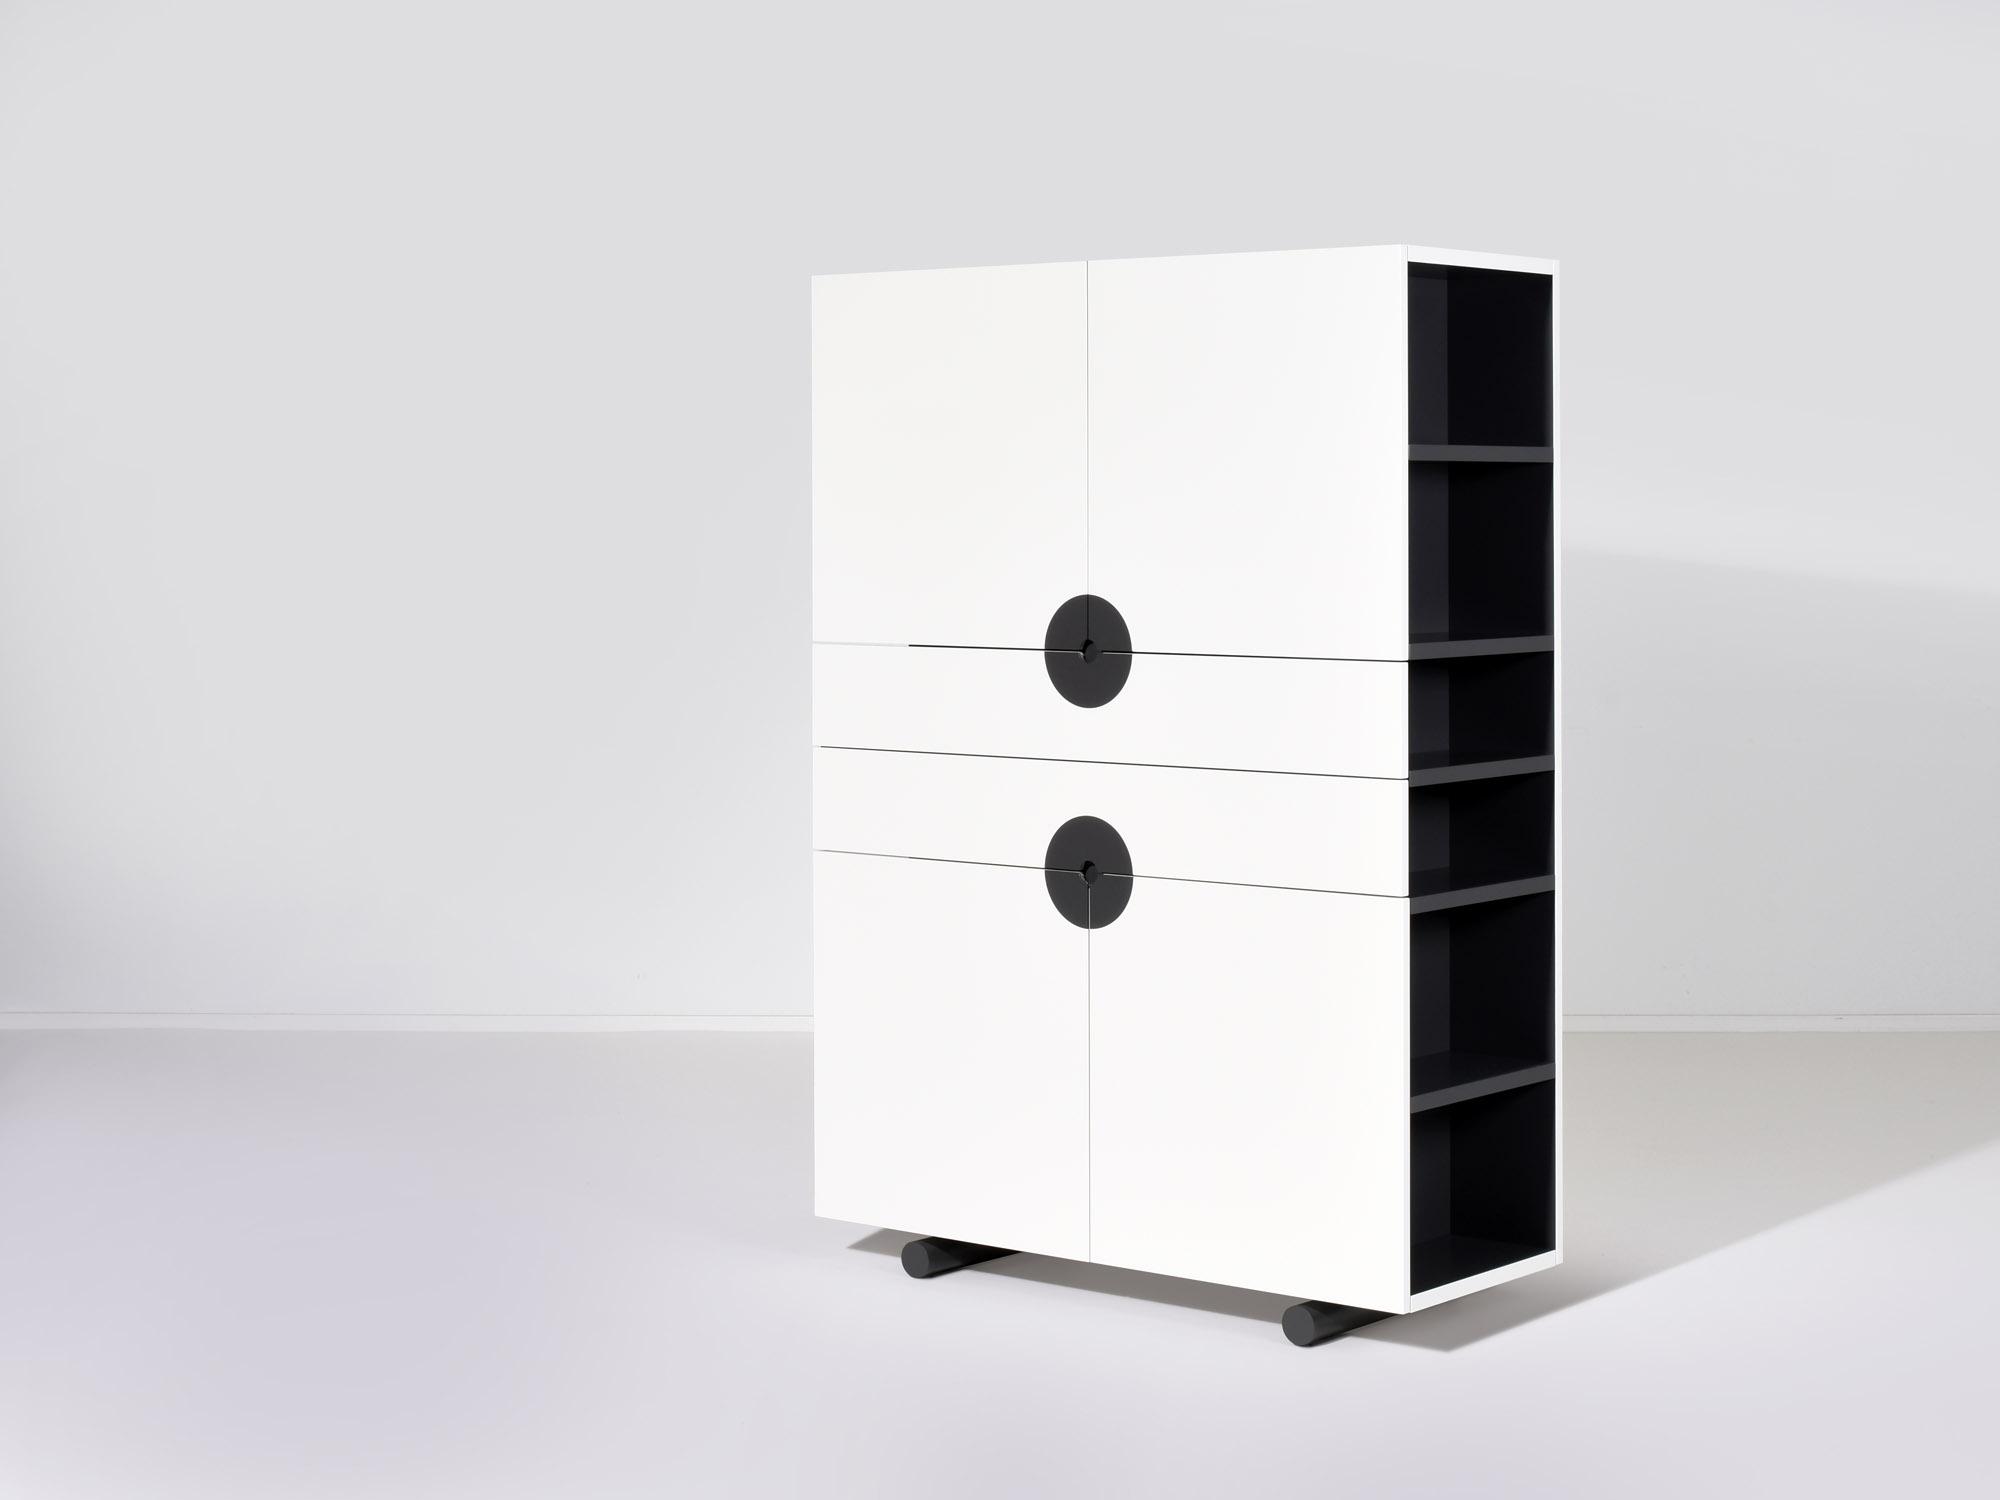 Castelijn DISK - Design by Dick Spierenburg